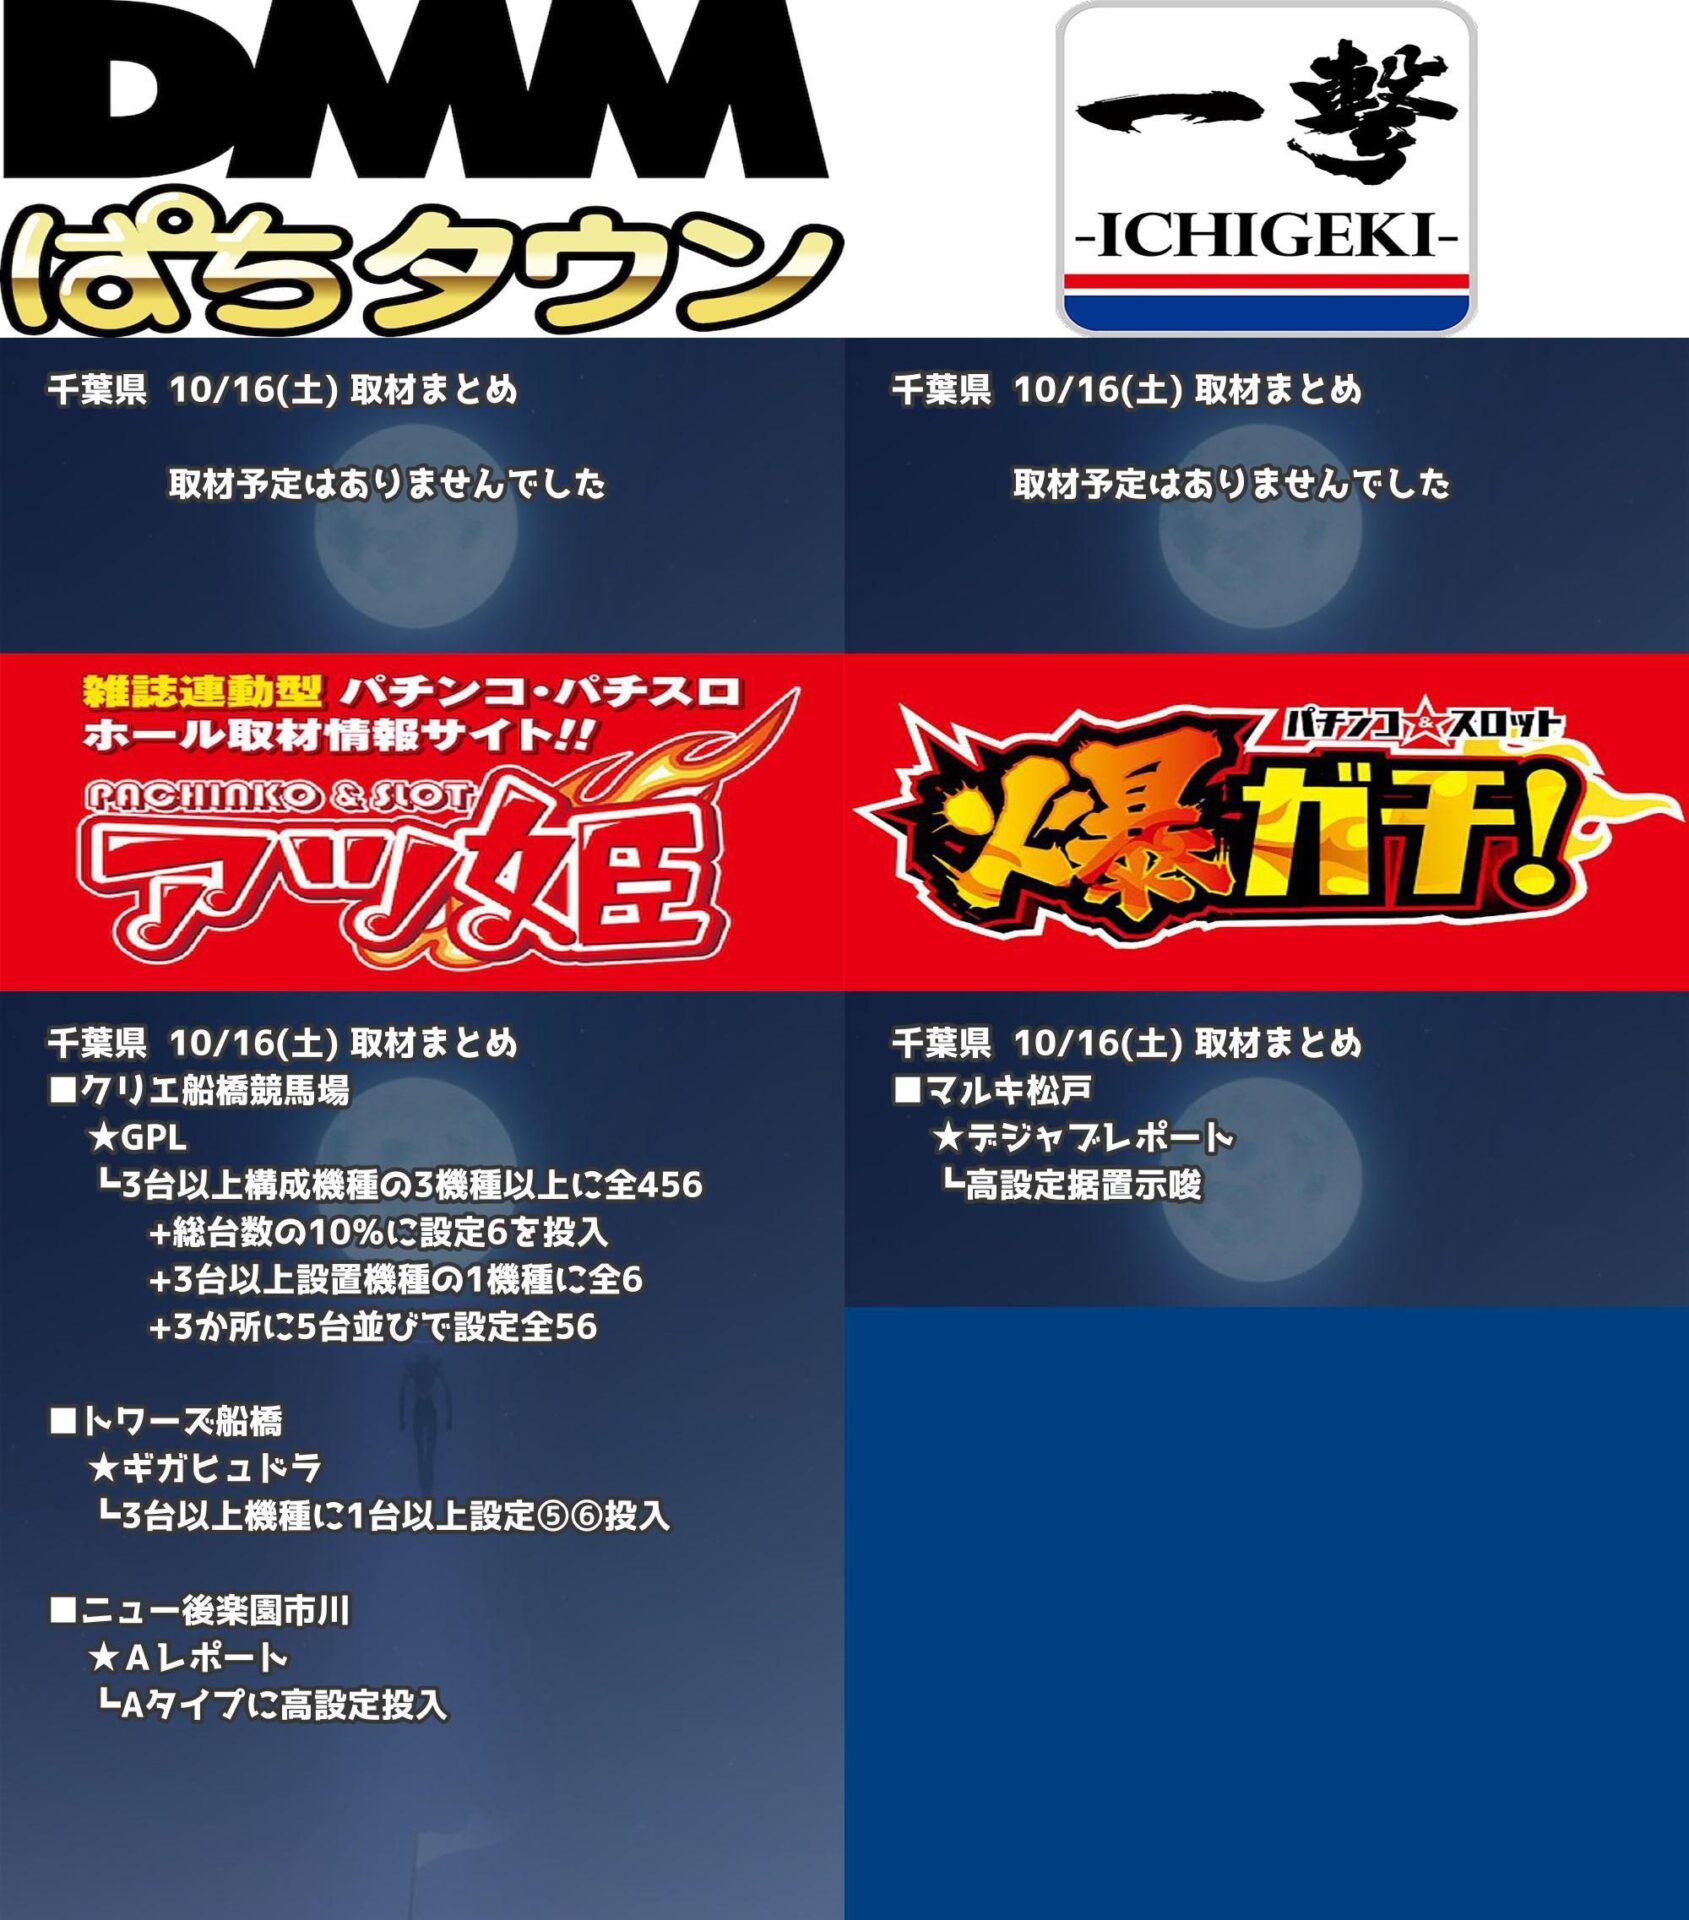 千葉県_2021-10-16_パチンコ・パチスロ_イベント